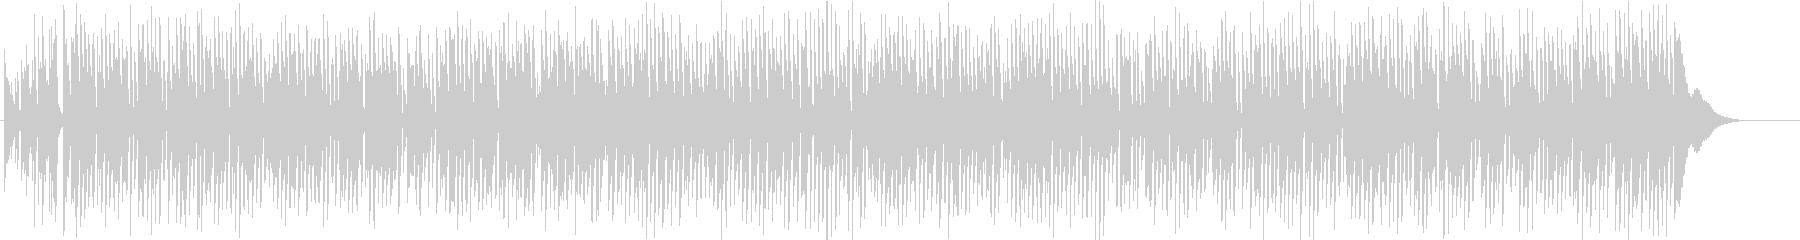 ジ・エンターテイナー アコギ 生演奏の未再生の波形